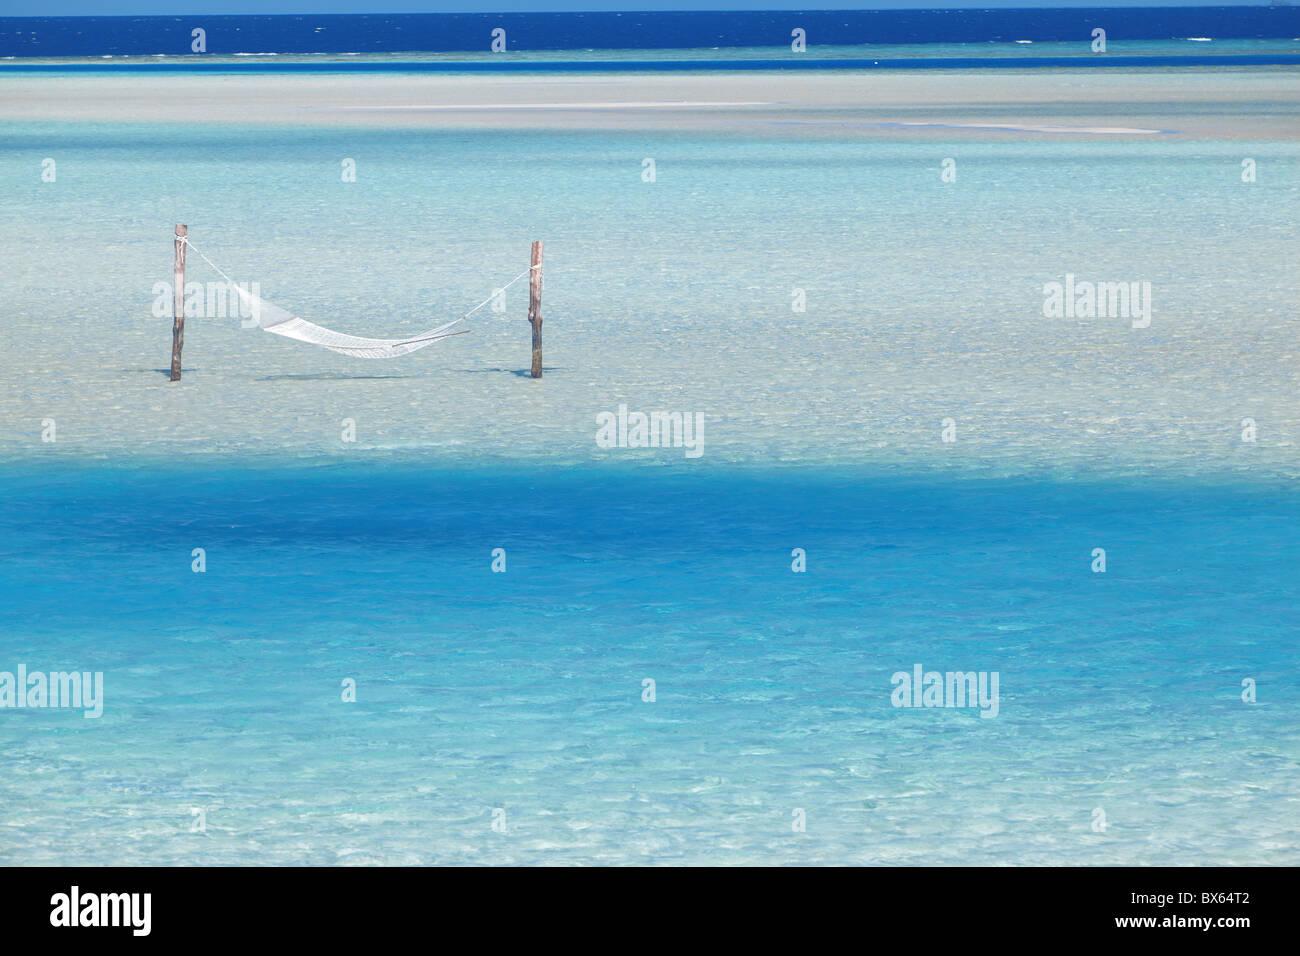 Hamac suspendu dans l'eau claire peu profonde, Maldives, océan Indien, Asie Photo Stock